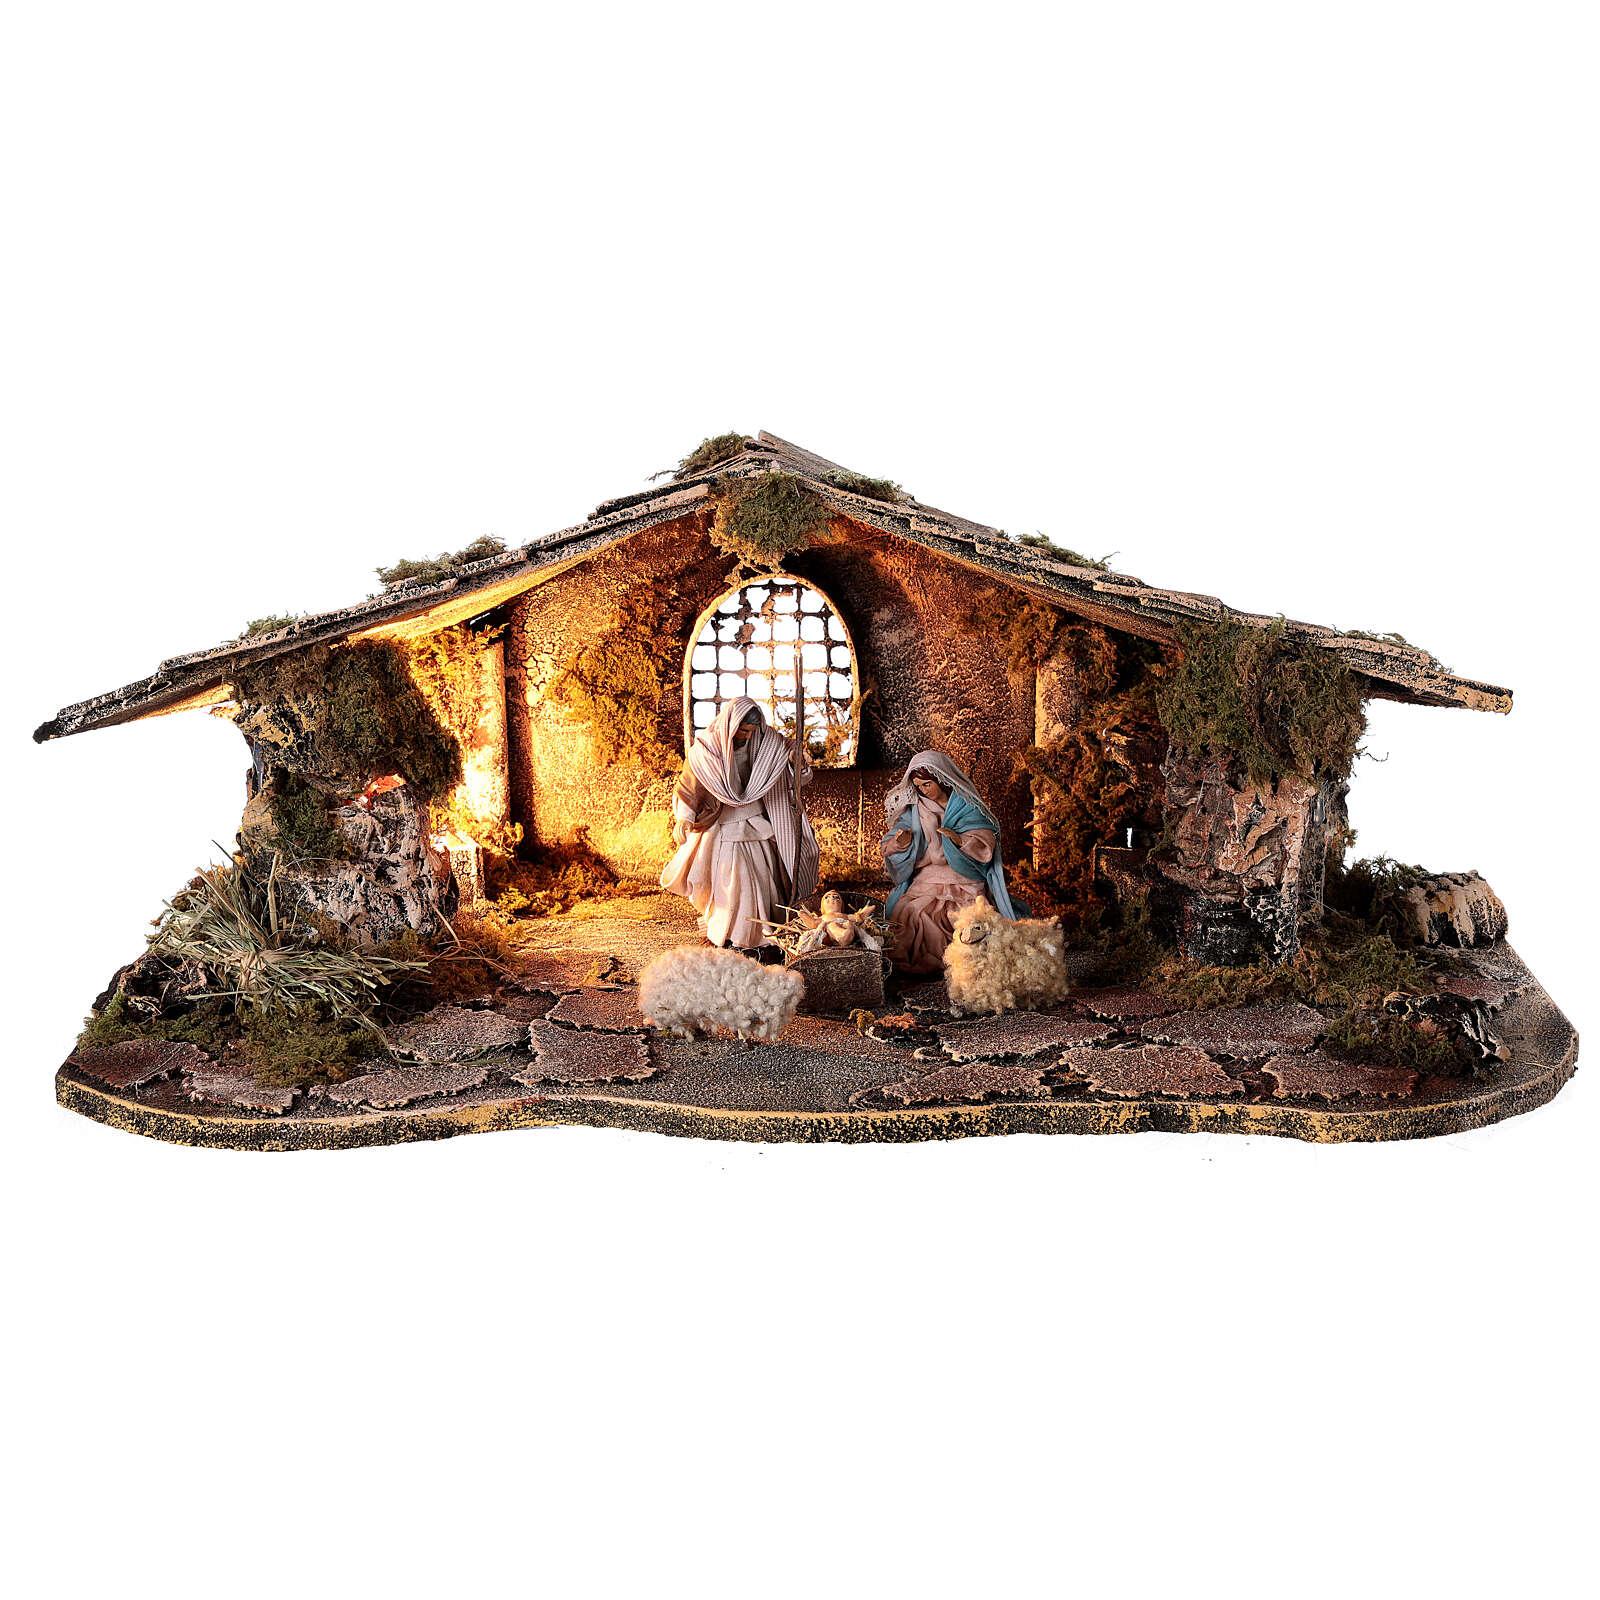 Cabaña rústica belén napolitano estatuas terracota 10 cm 30x50x20 cm 4